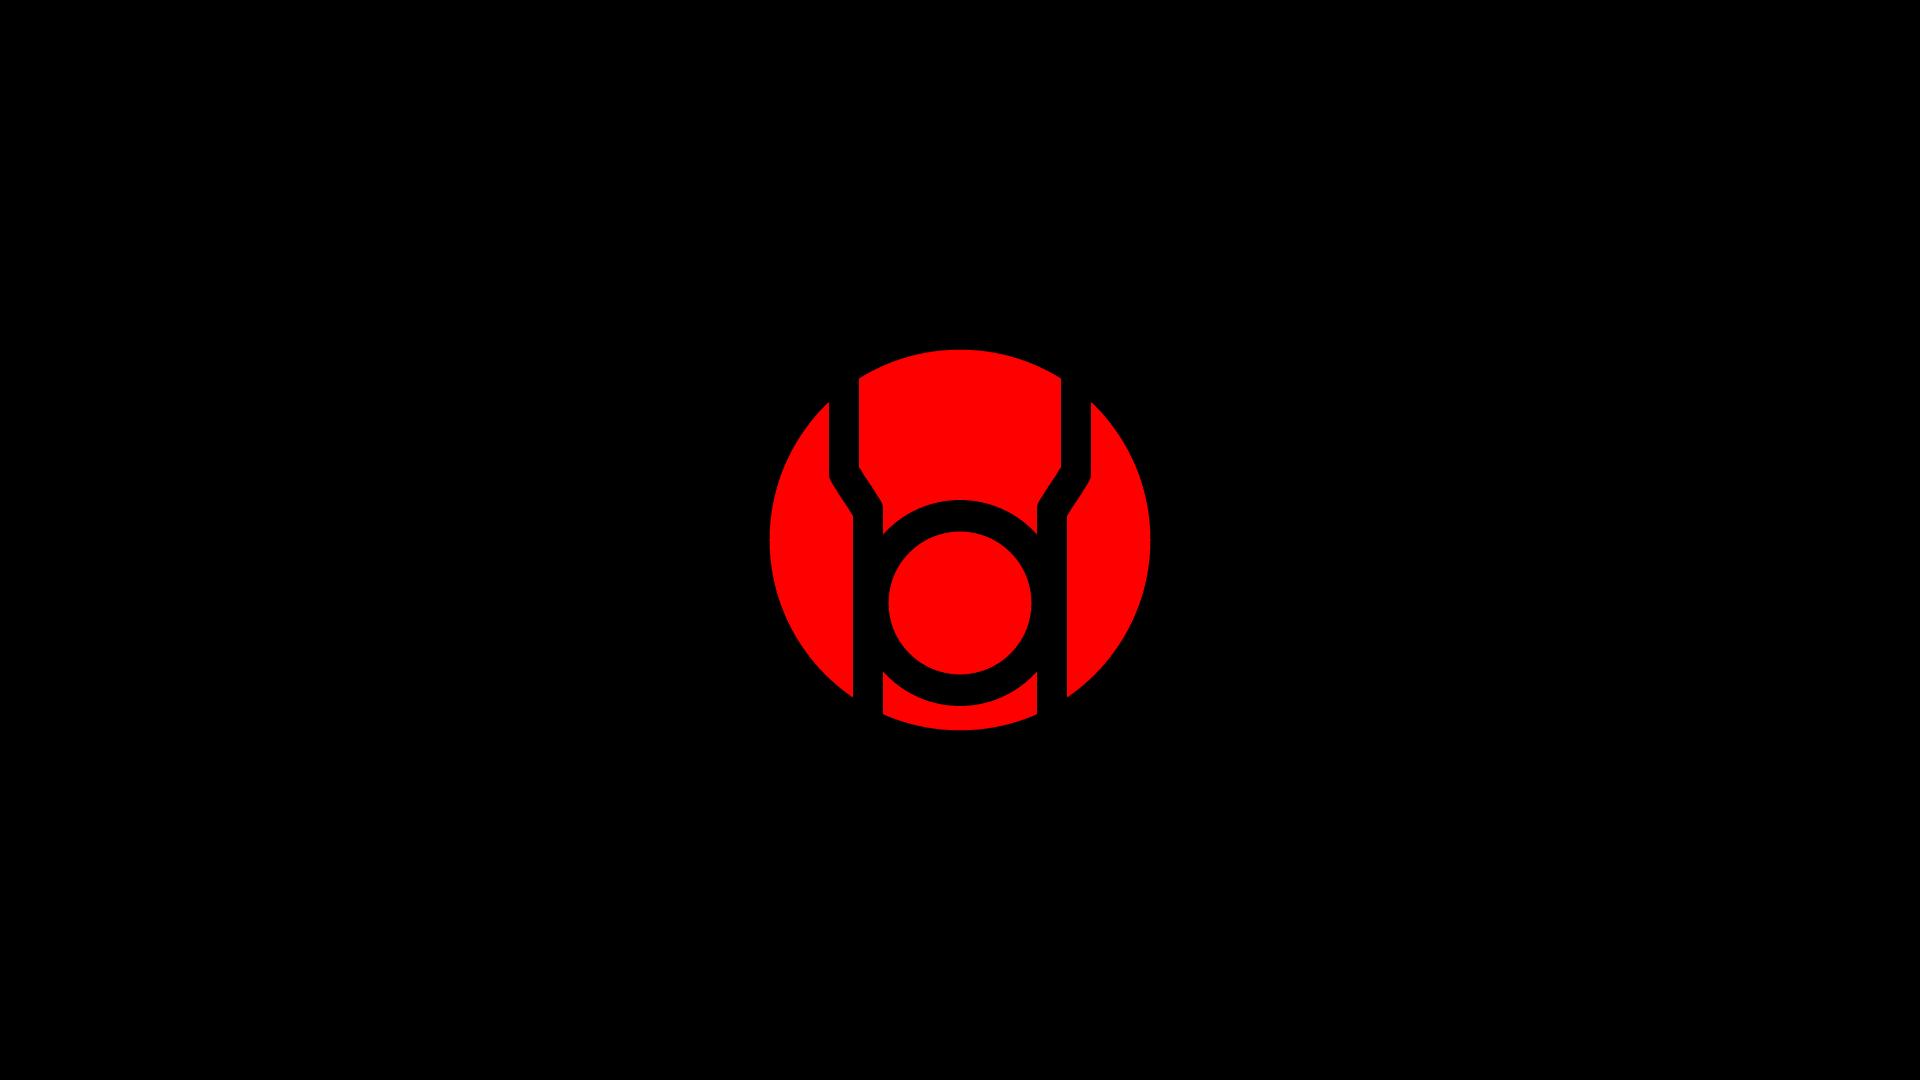 Red lantern logo wallpaper - photo#10